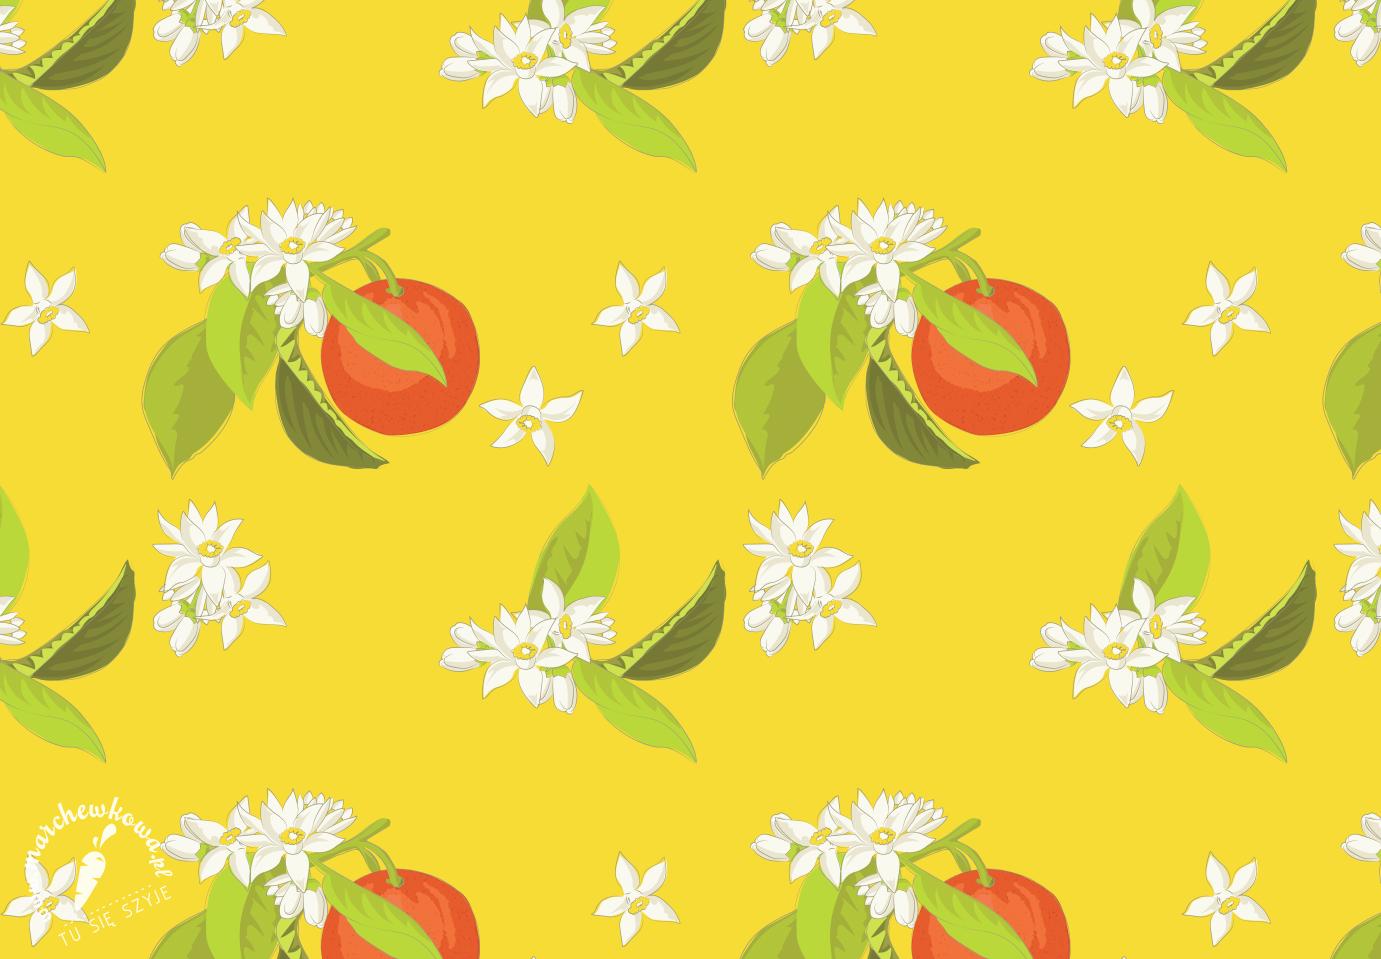 marchewkowa, grafika, nadruk, projekt tkaniny, wzór, print, pomarańcze, Orange